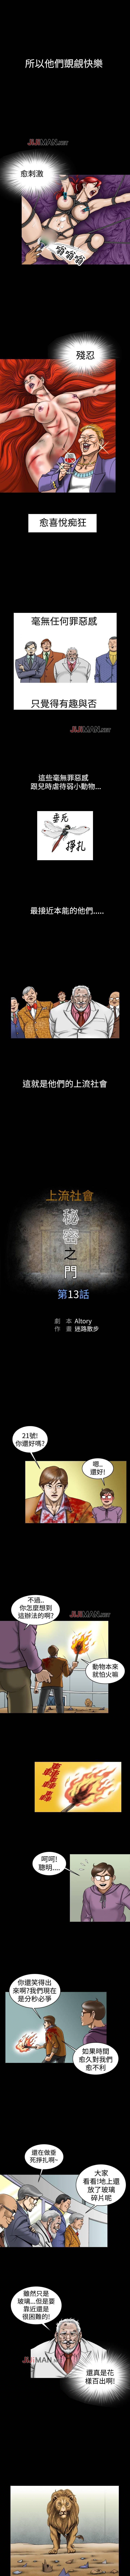 【已完结】上流社会(作者:Altory&迷路散步) 第1~27话 50